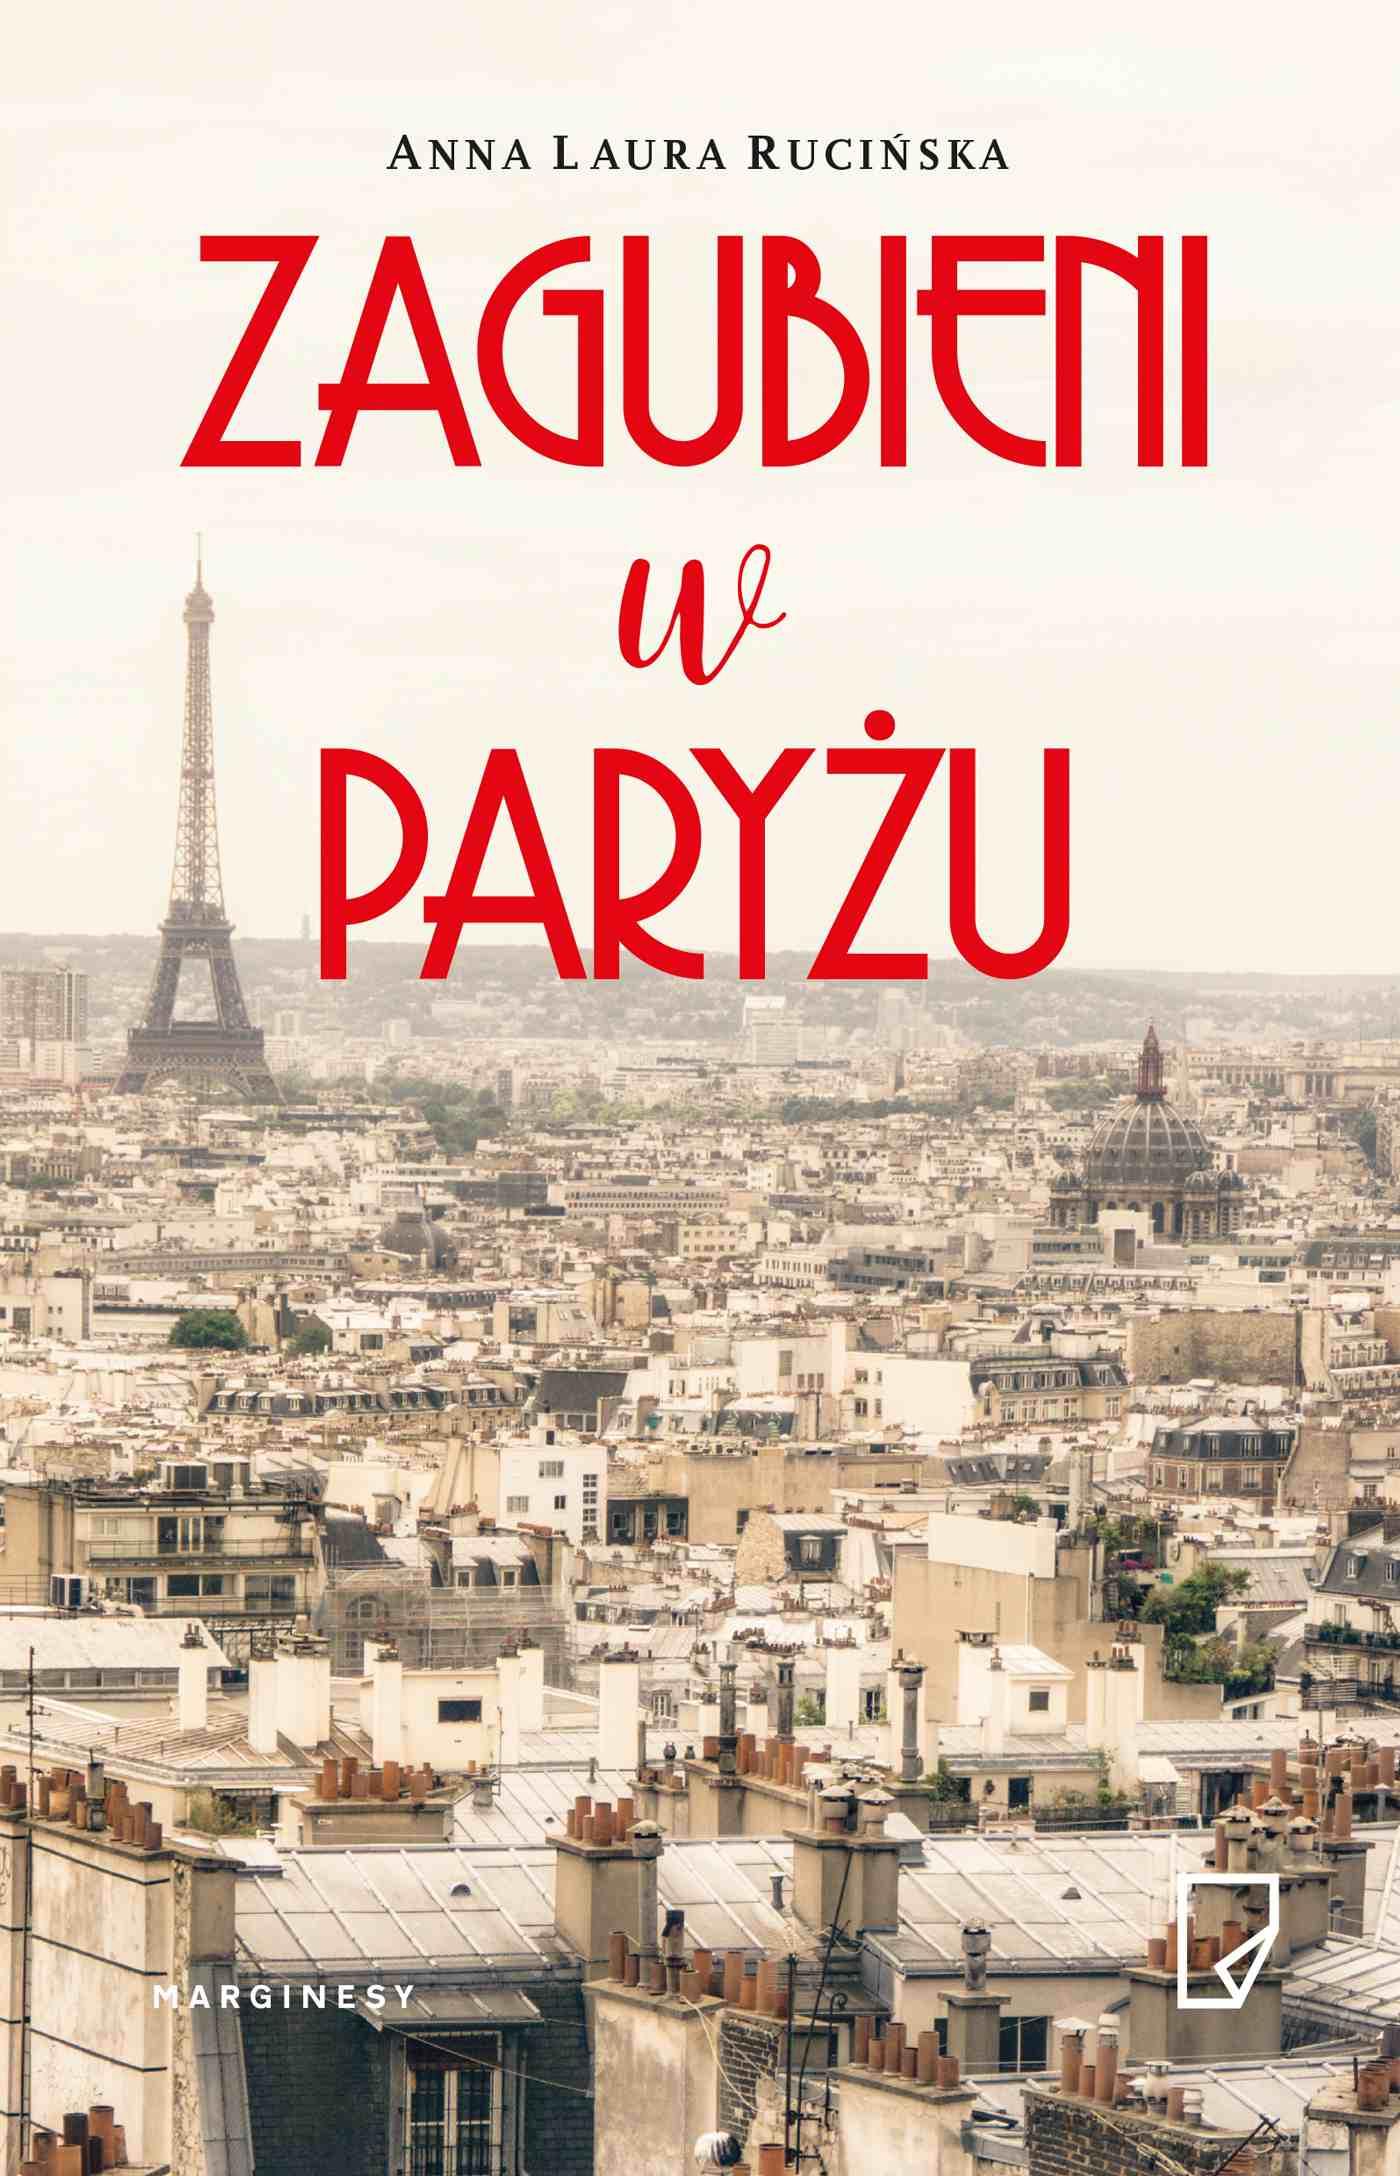 Zagubieni w Paryżu - Ebook (Książka EPUB) do pobrania w formacie EPUB